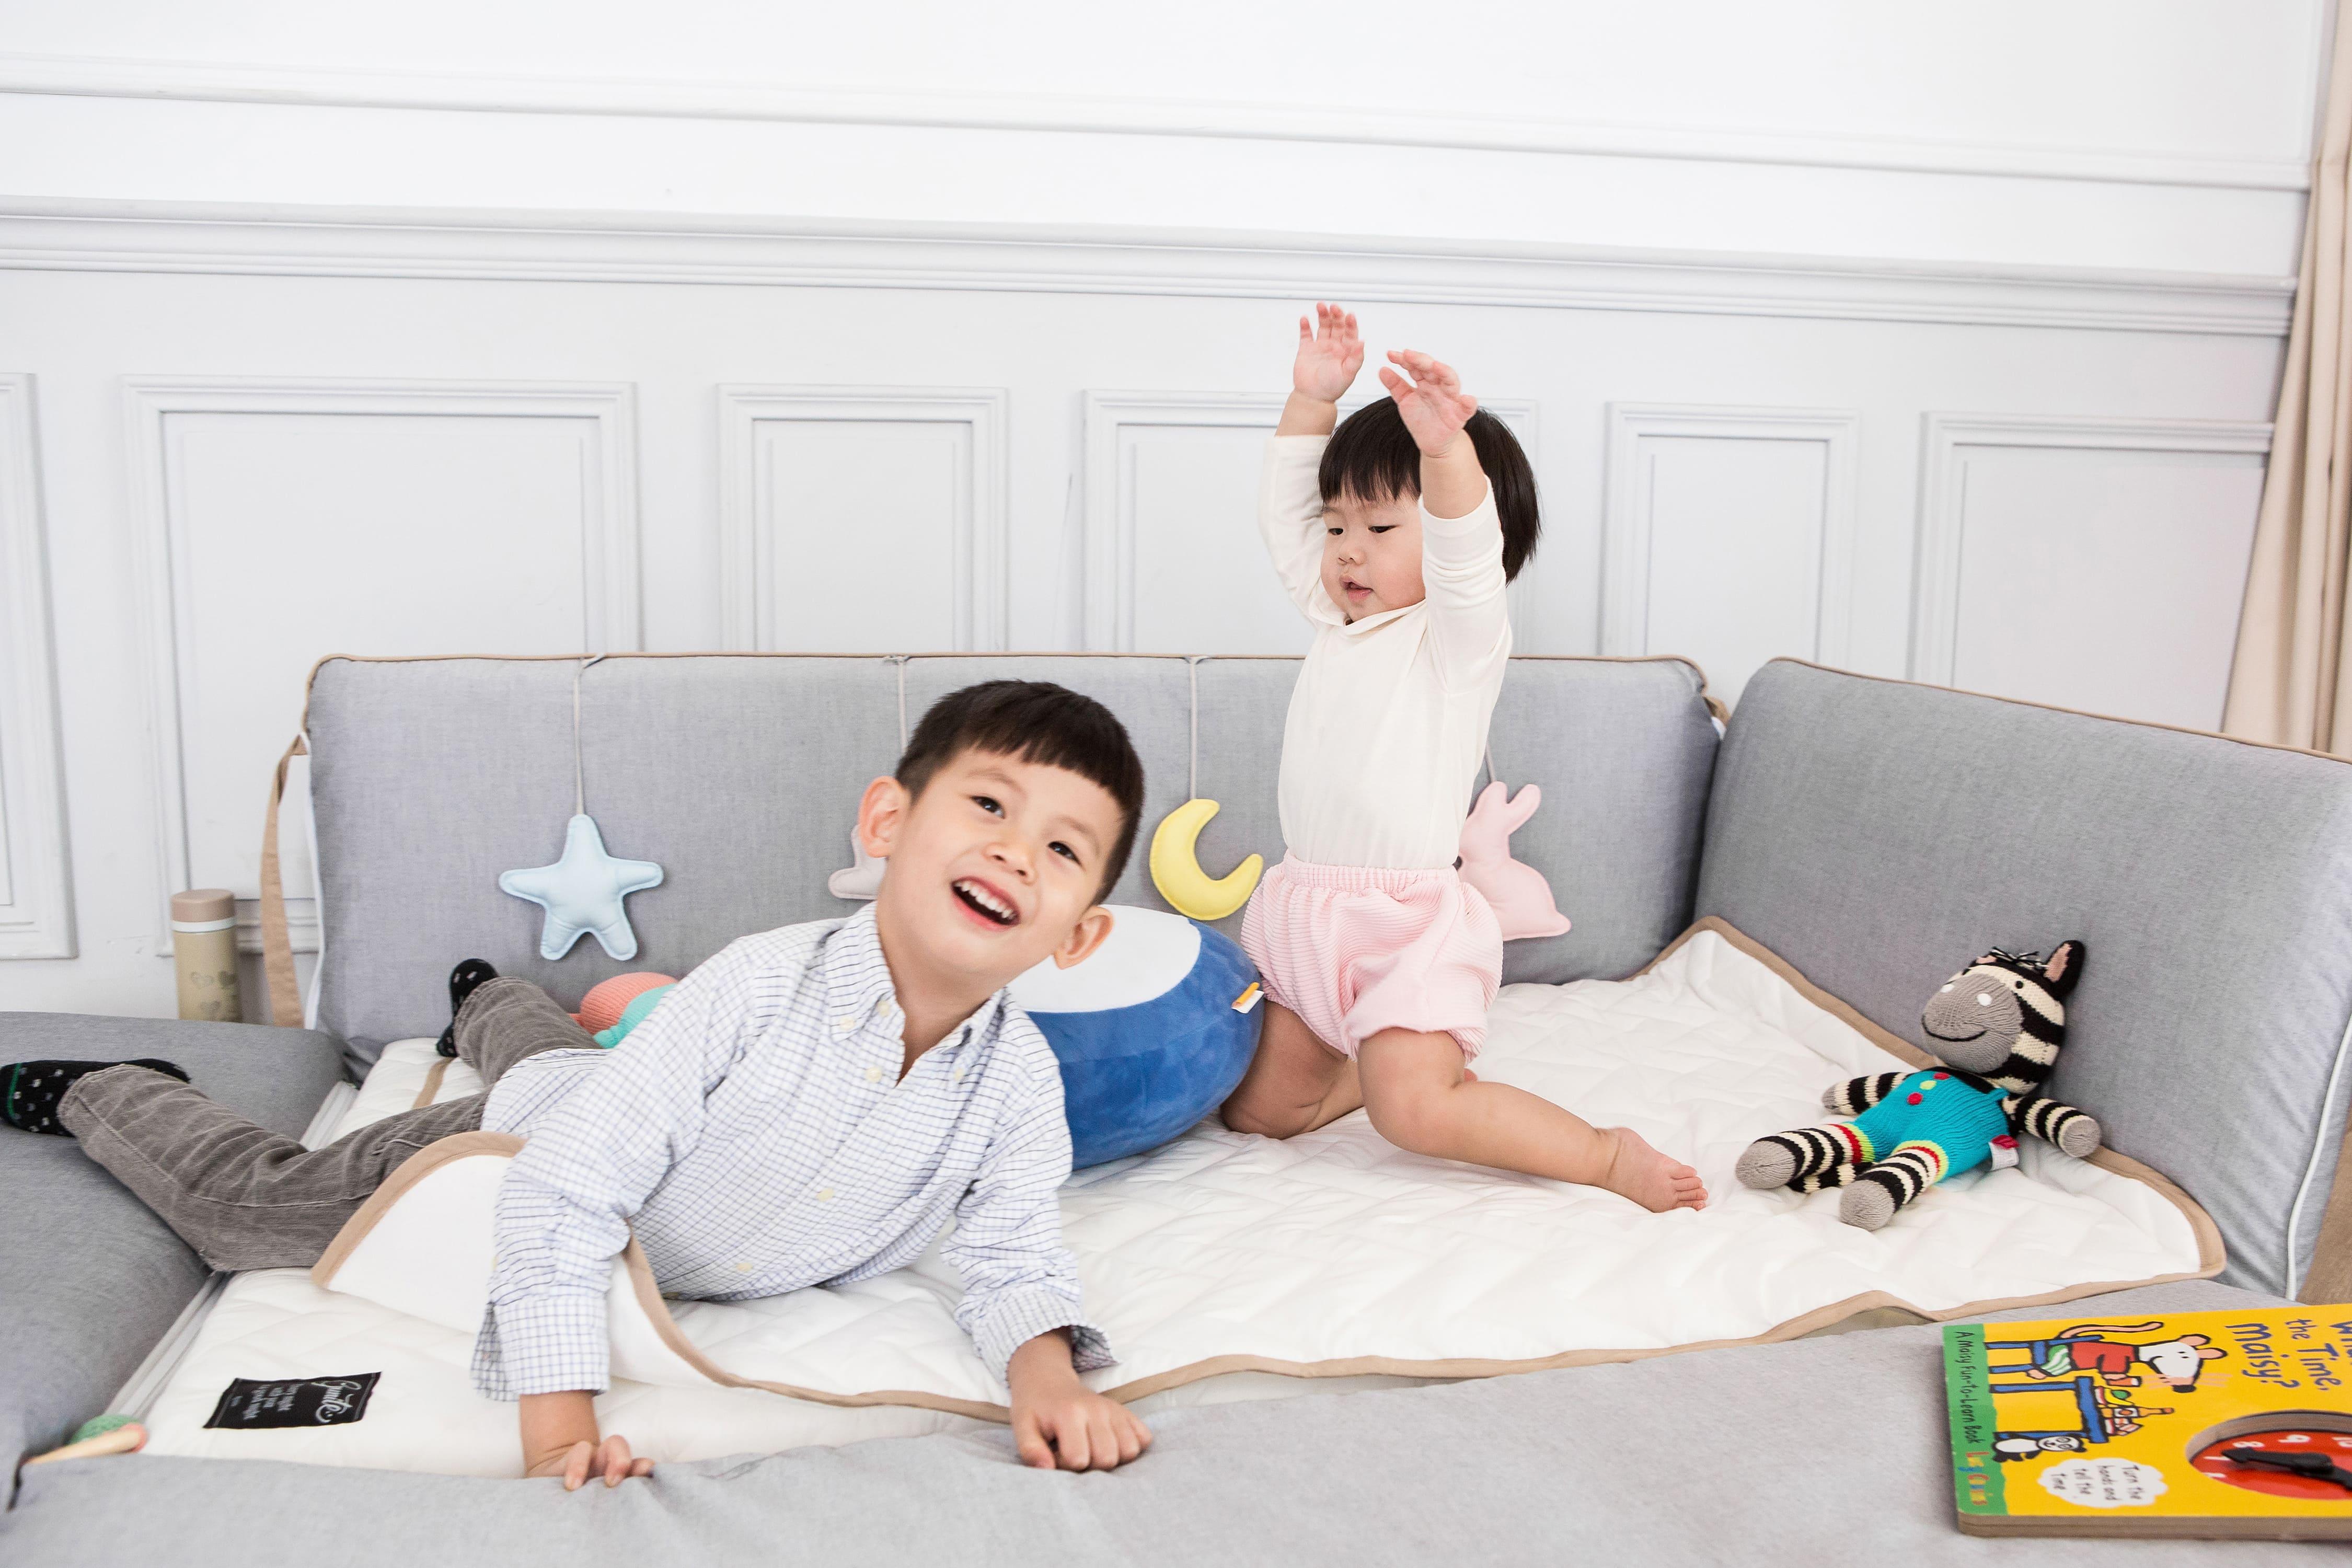 gunite嬰兒床多用途